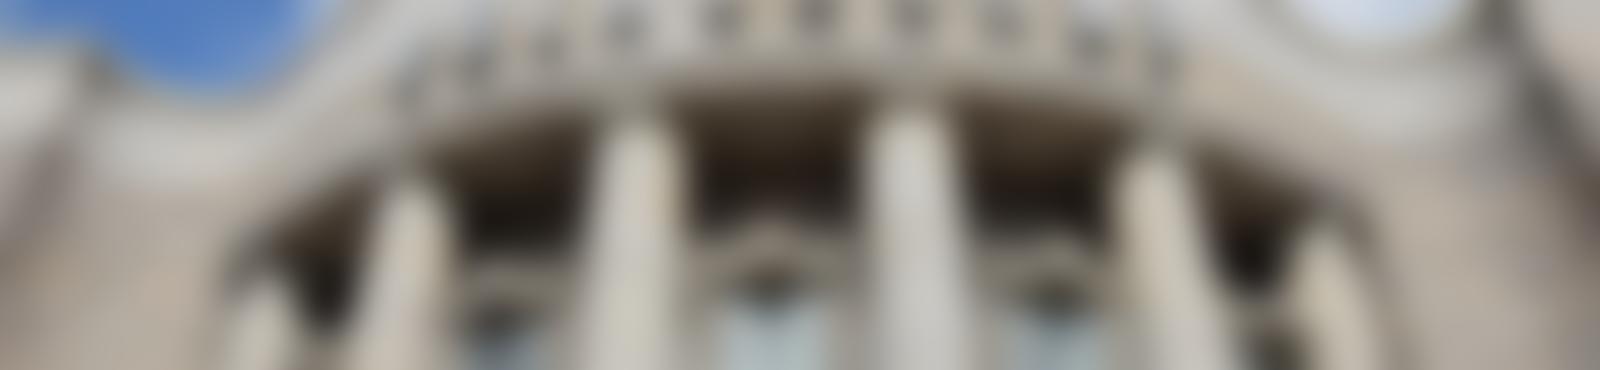 Blurred 3a7d913e 39fa 4fe8 86bd a612b42517e0